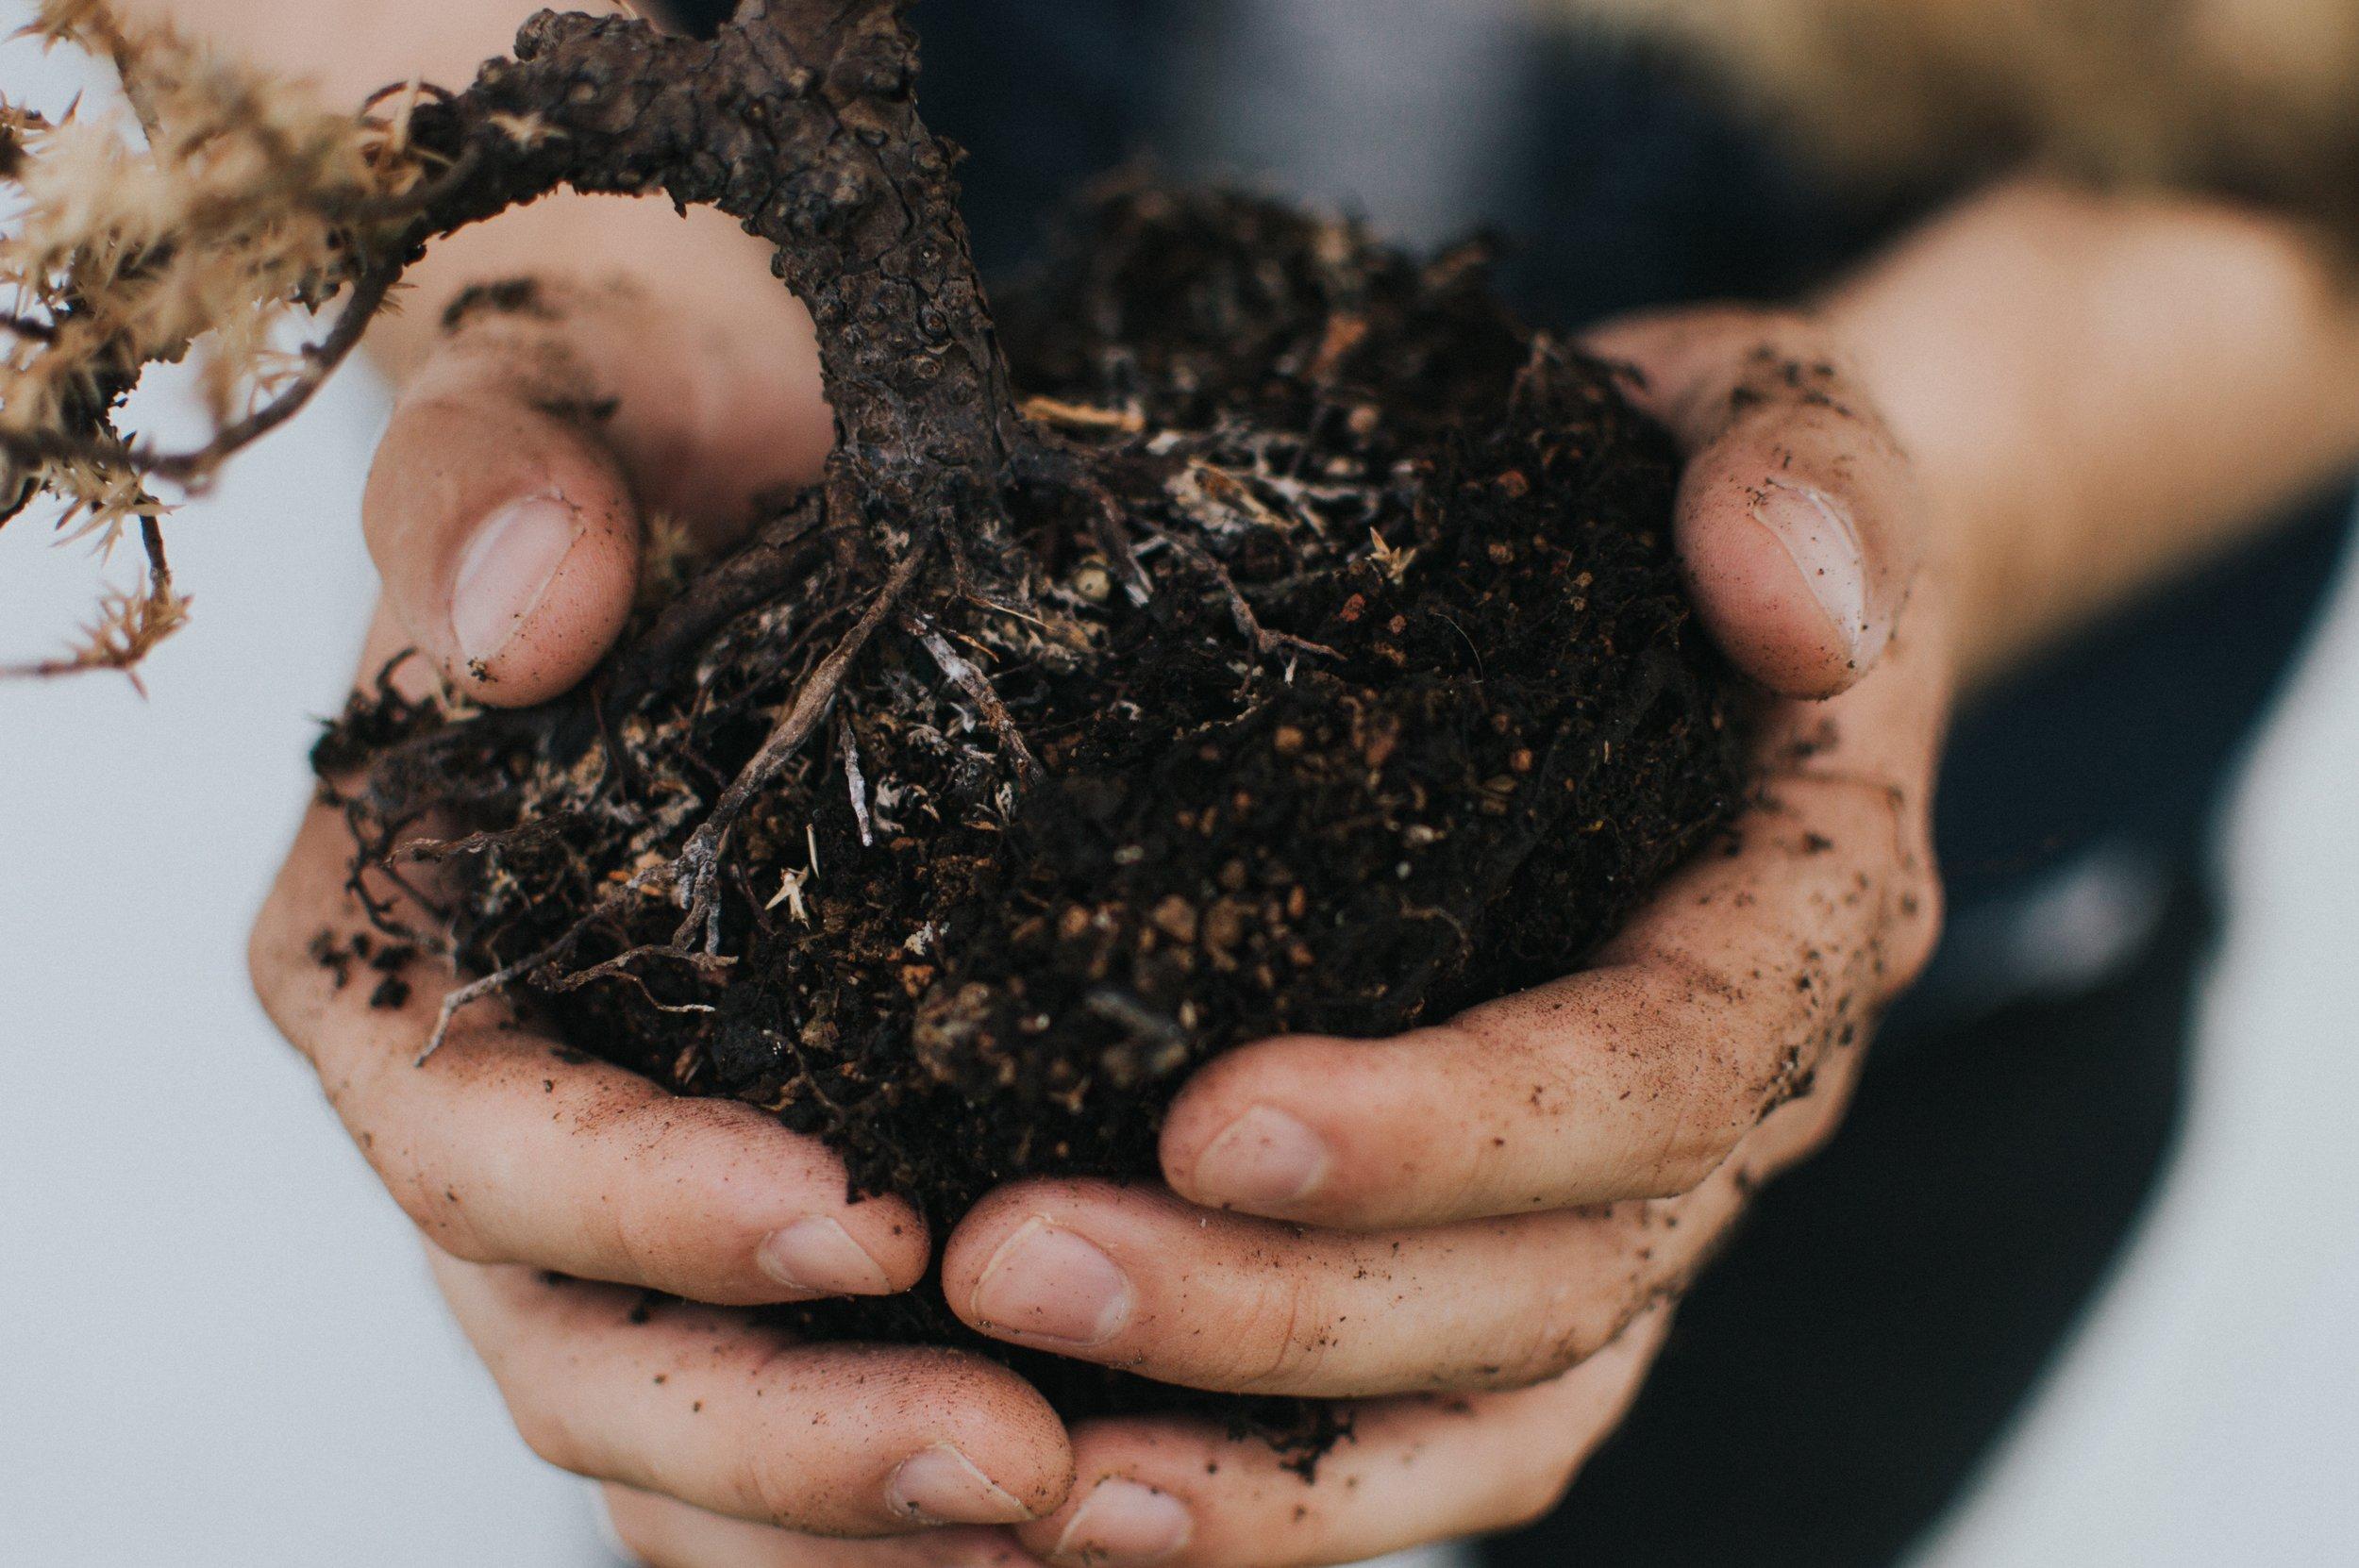 Voortleven als voedzame compost - Wat als je na dit leven voeding kunt zijn voor nieuw leven? En planten, bomen, micro-organismen en kleine diertjes gedijen dankzij jouw restanten? Op een paar plekken in de wereld, waaronder in Seattle en dichterbij in België, wordt nu geëxperimenteerd met een natuurlijker alternatief voor cremeren en begraven: humusatie.